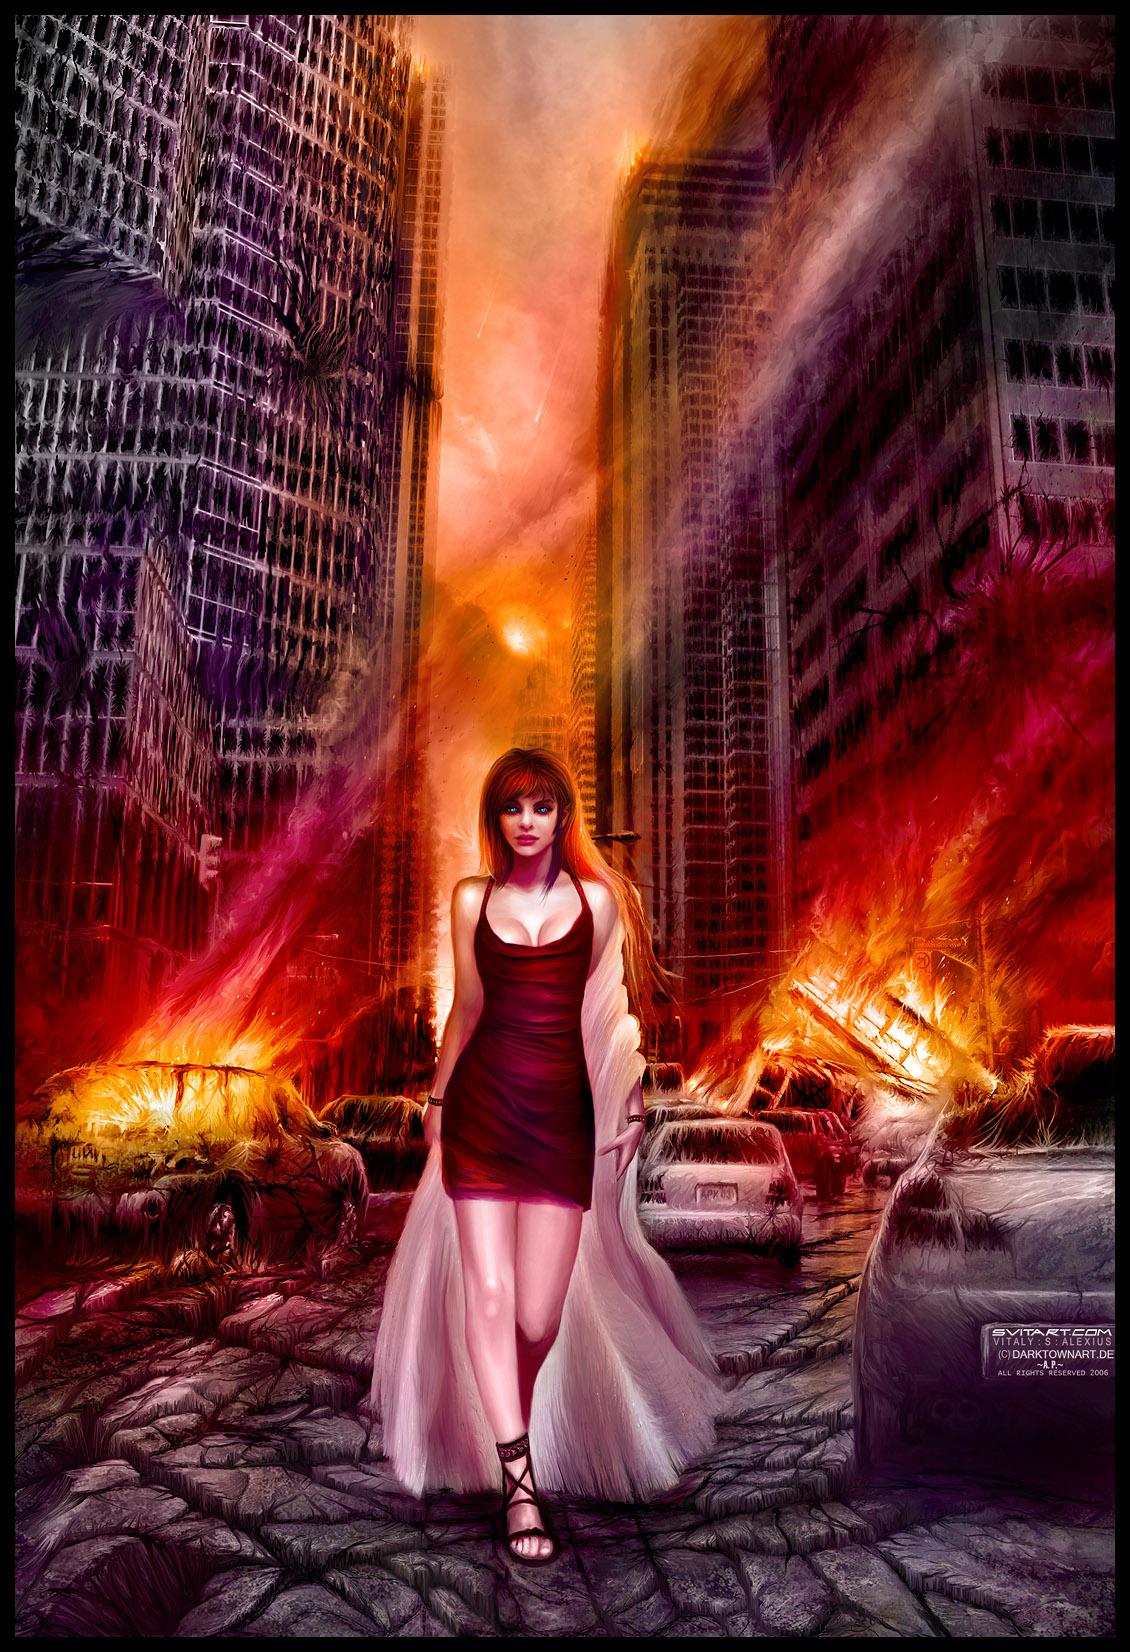 Darktown By Alexiuss On Deviantart